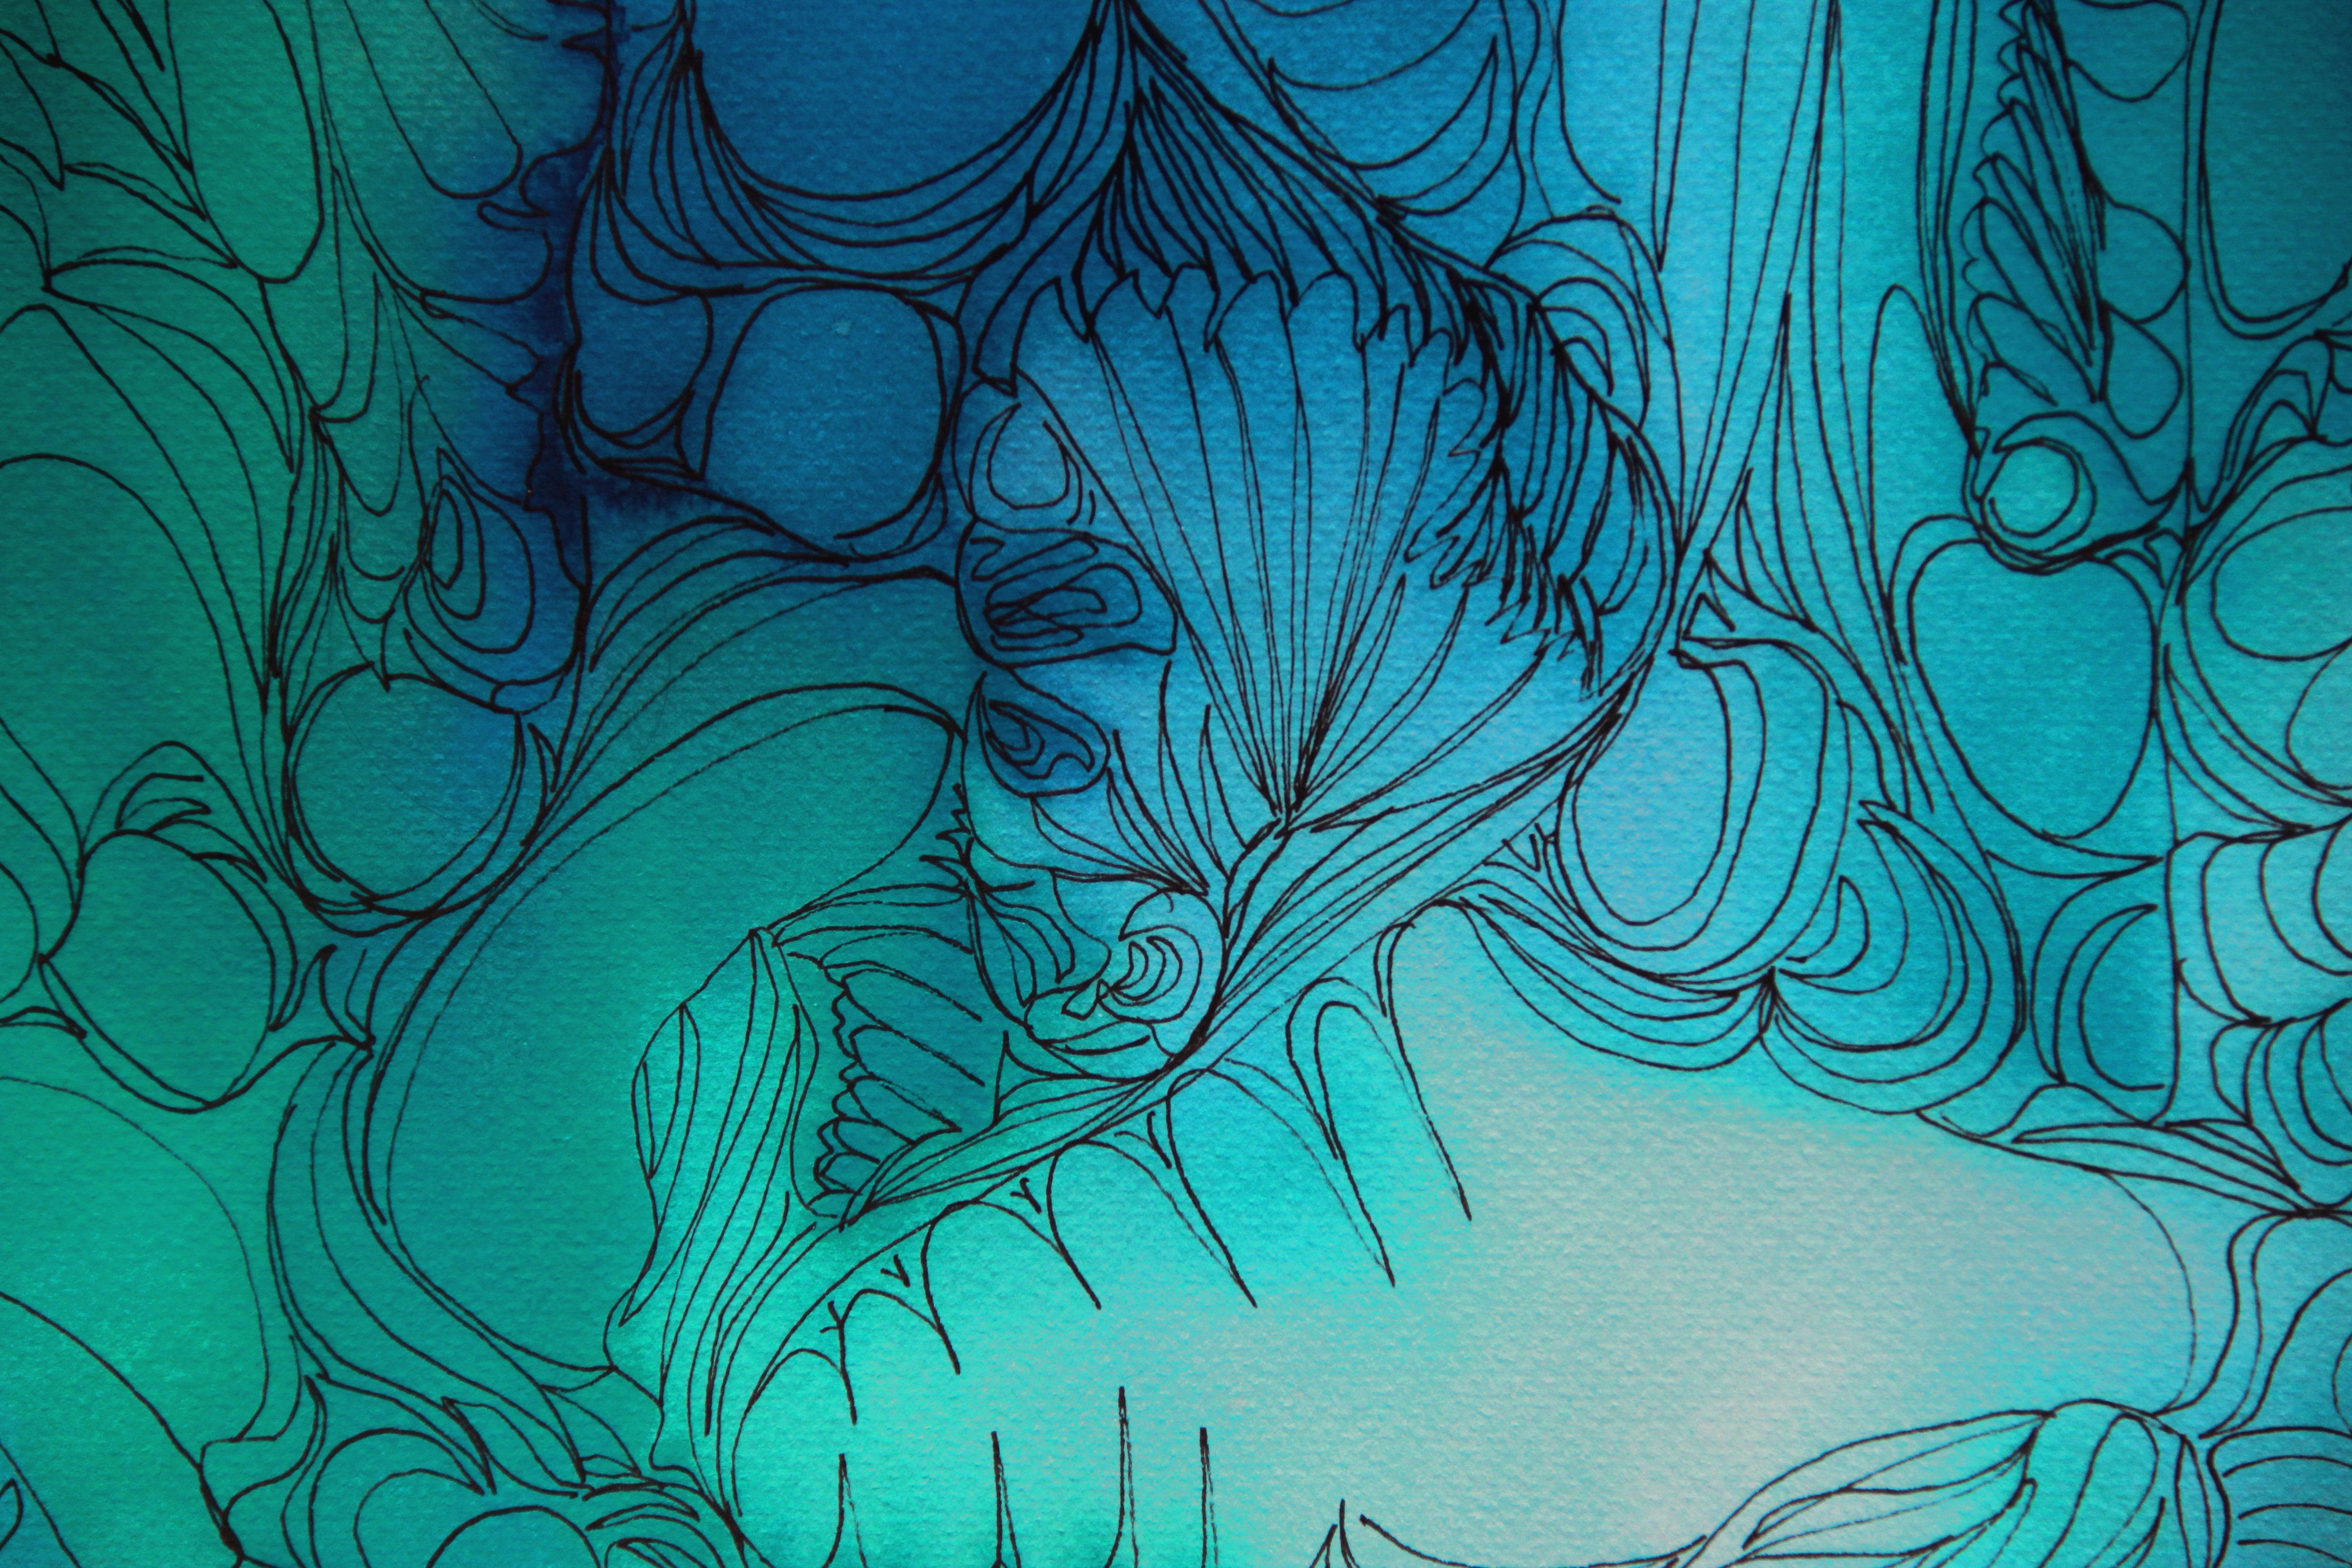 Cellules détail - Peinture - Isabelle Milléquant Surr